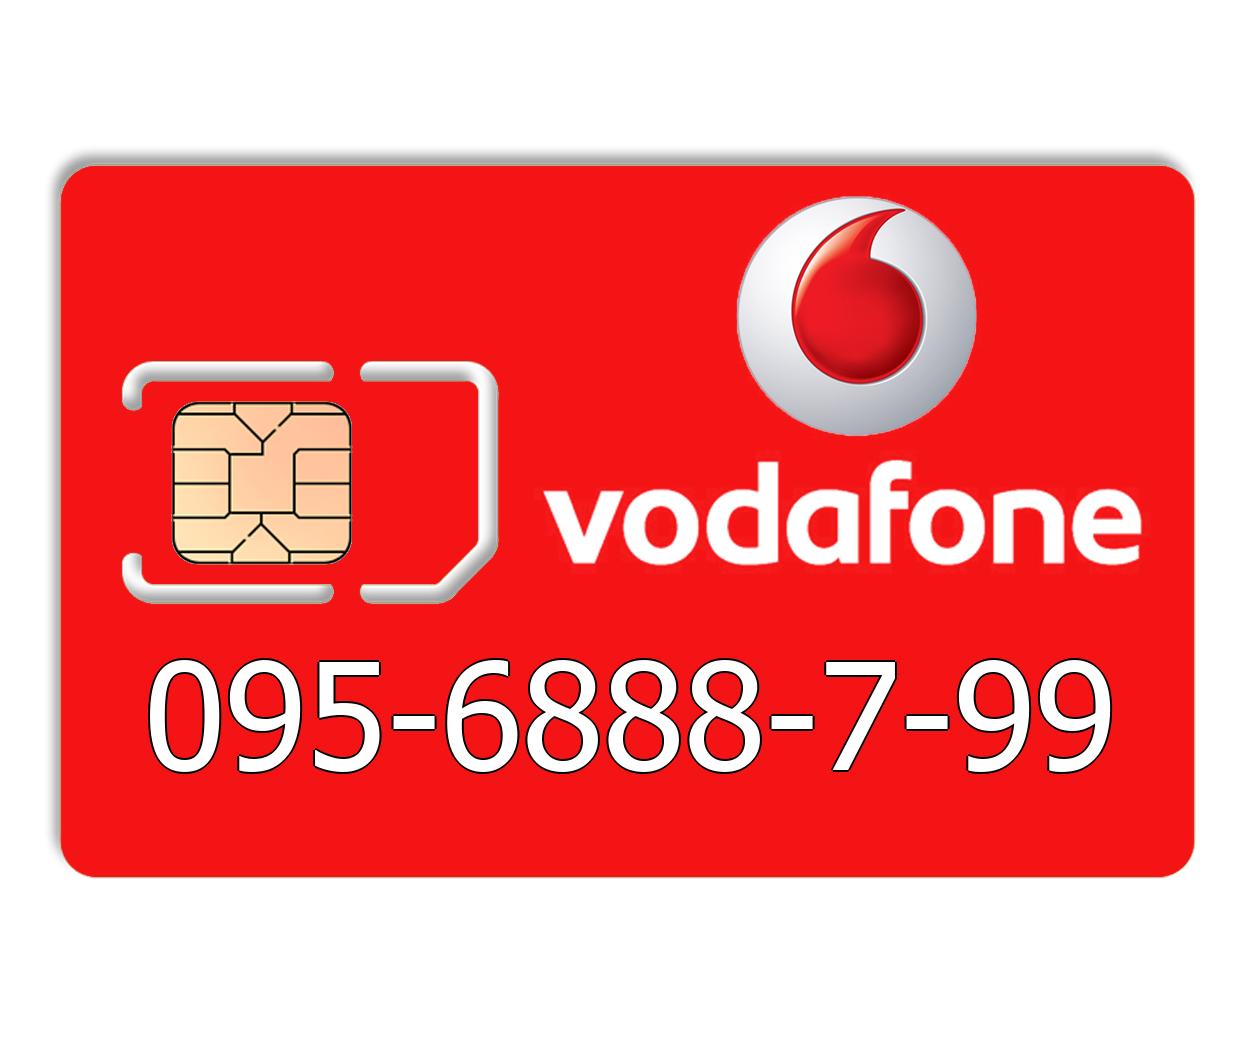 Красивый номер Vodafone 095-6888-7-99